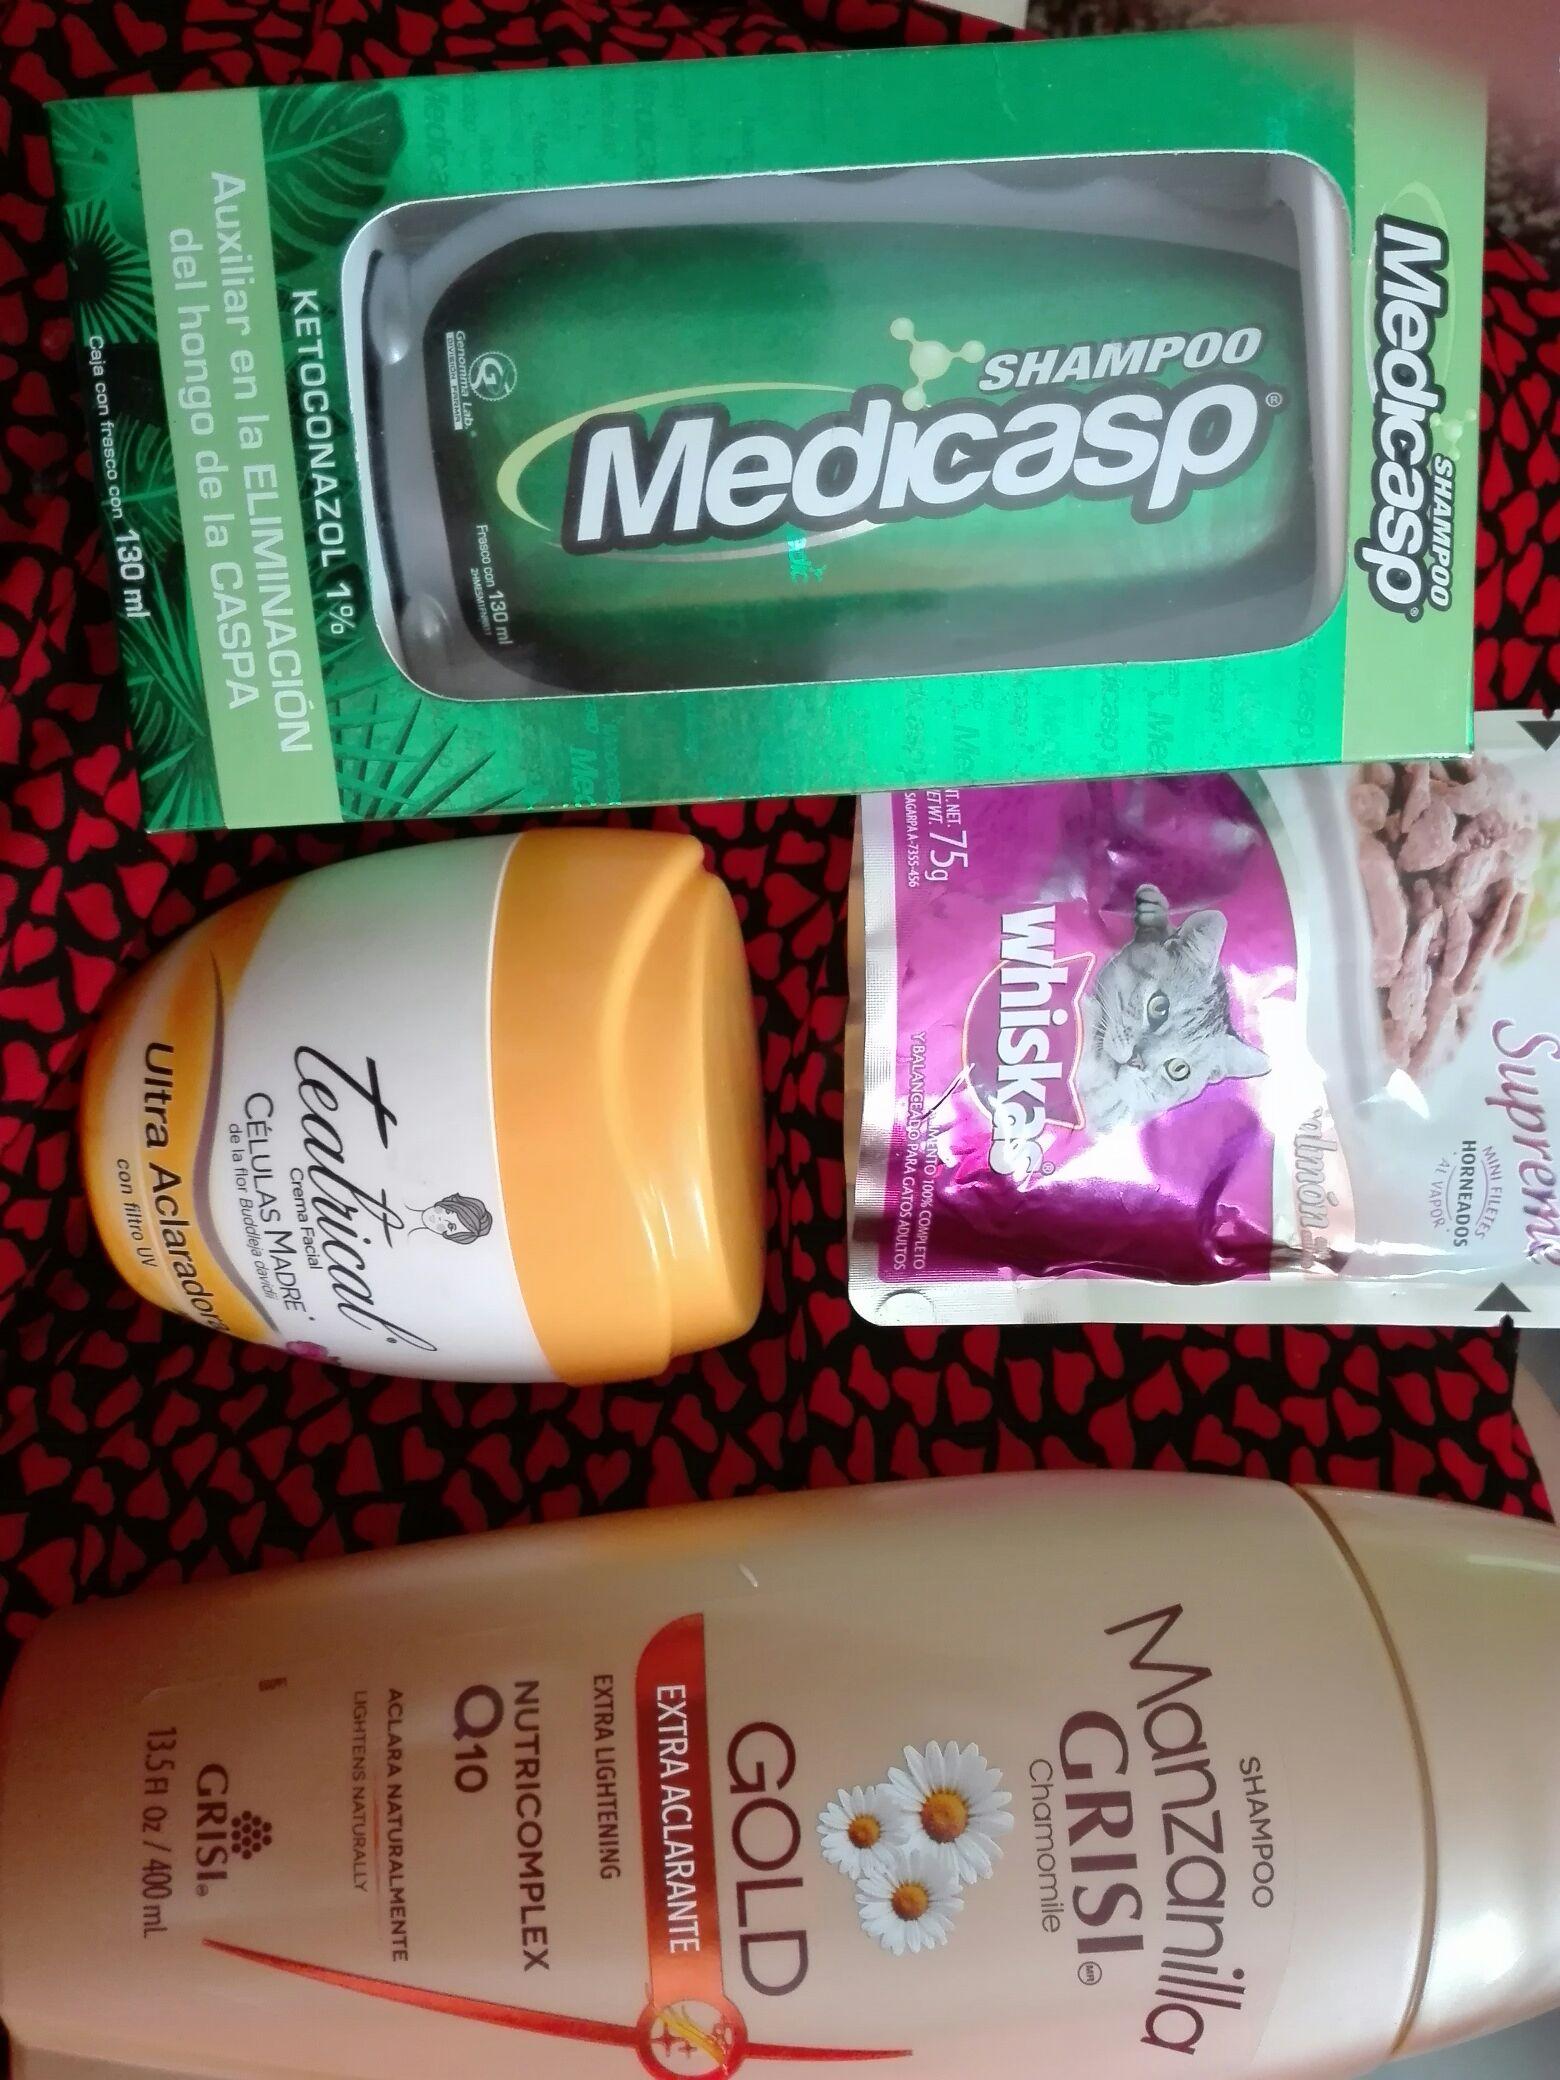 Chedraui: Shampoo medicasp a $24 y más